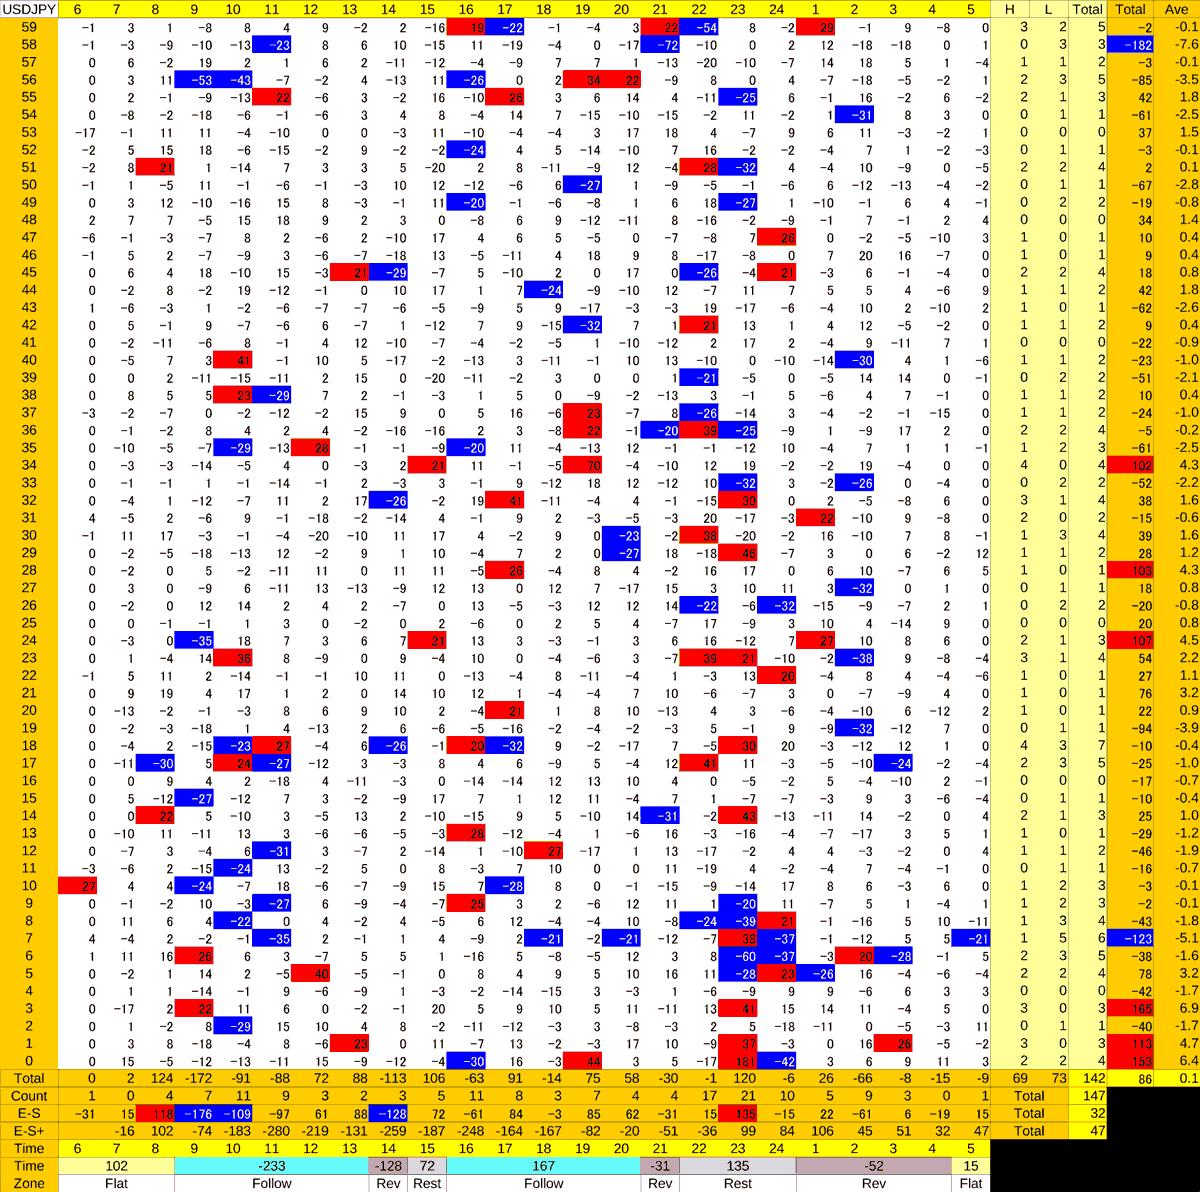 20200901_HS(1)USDJPY